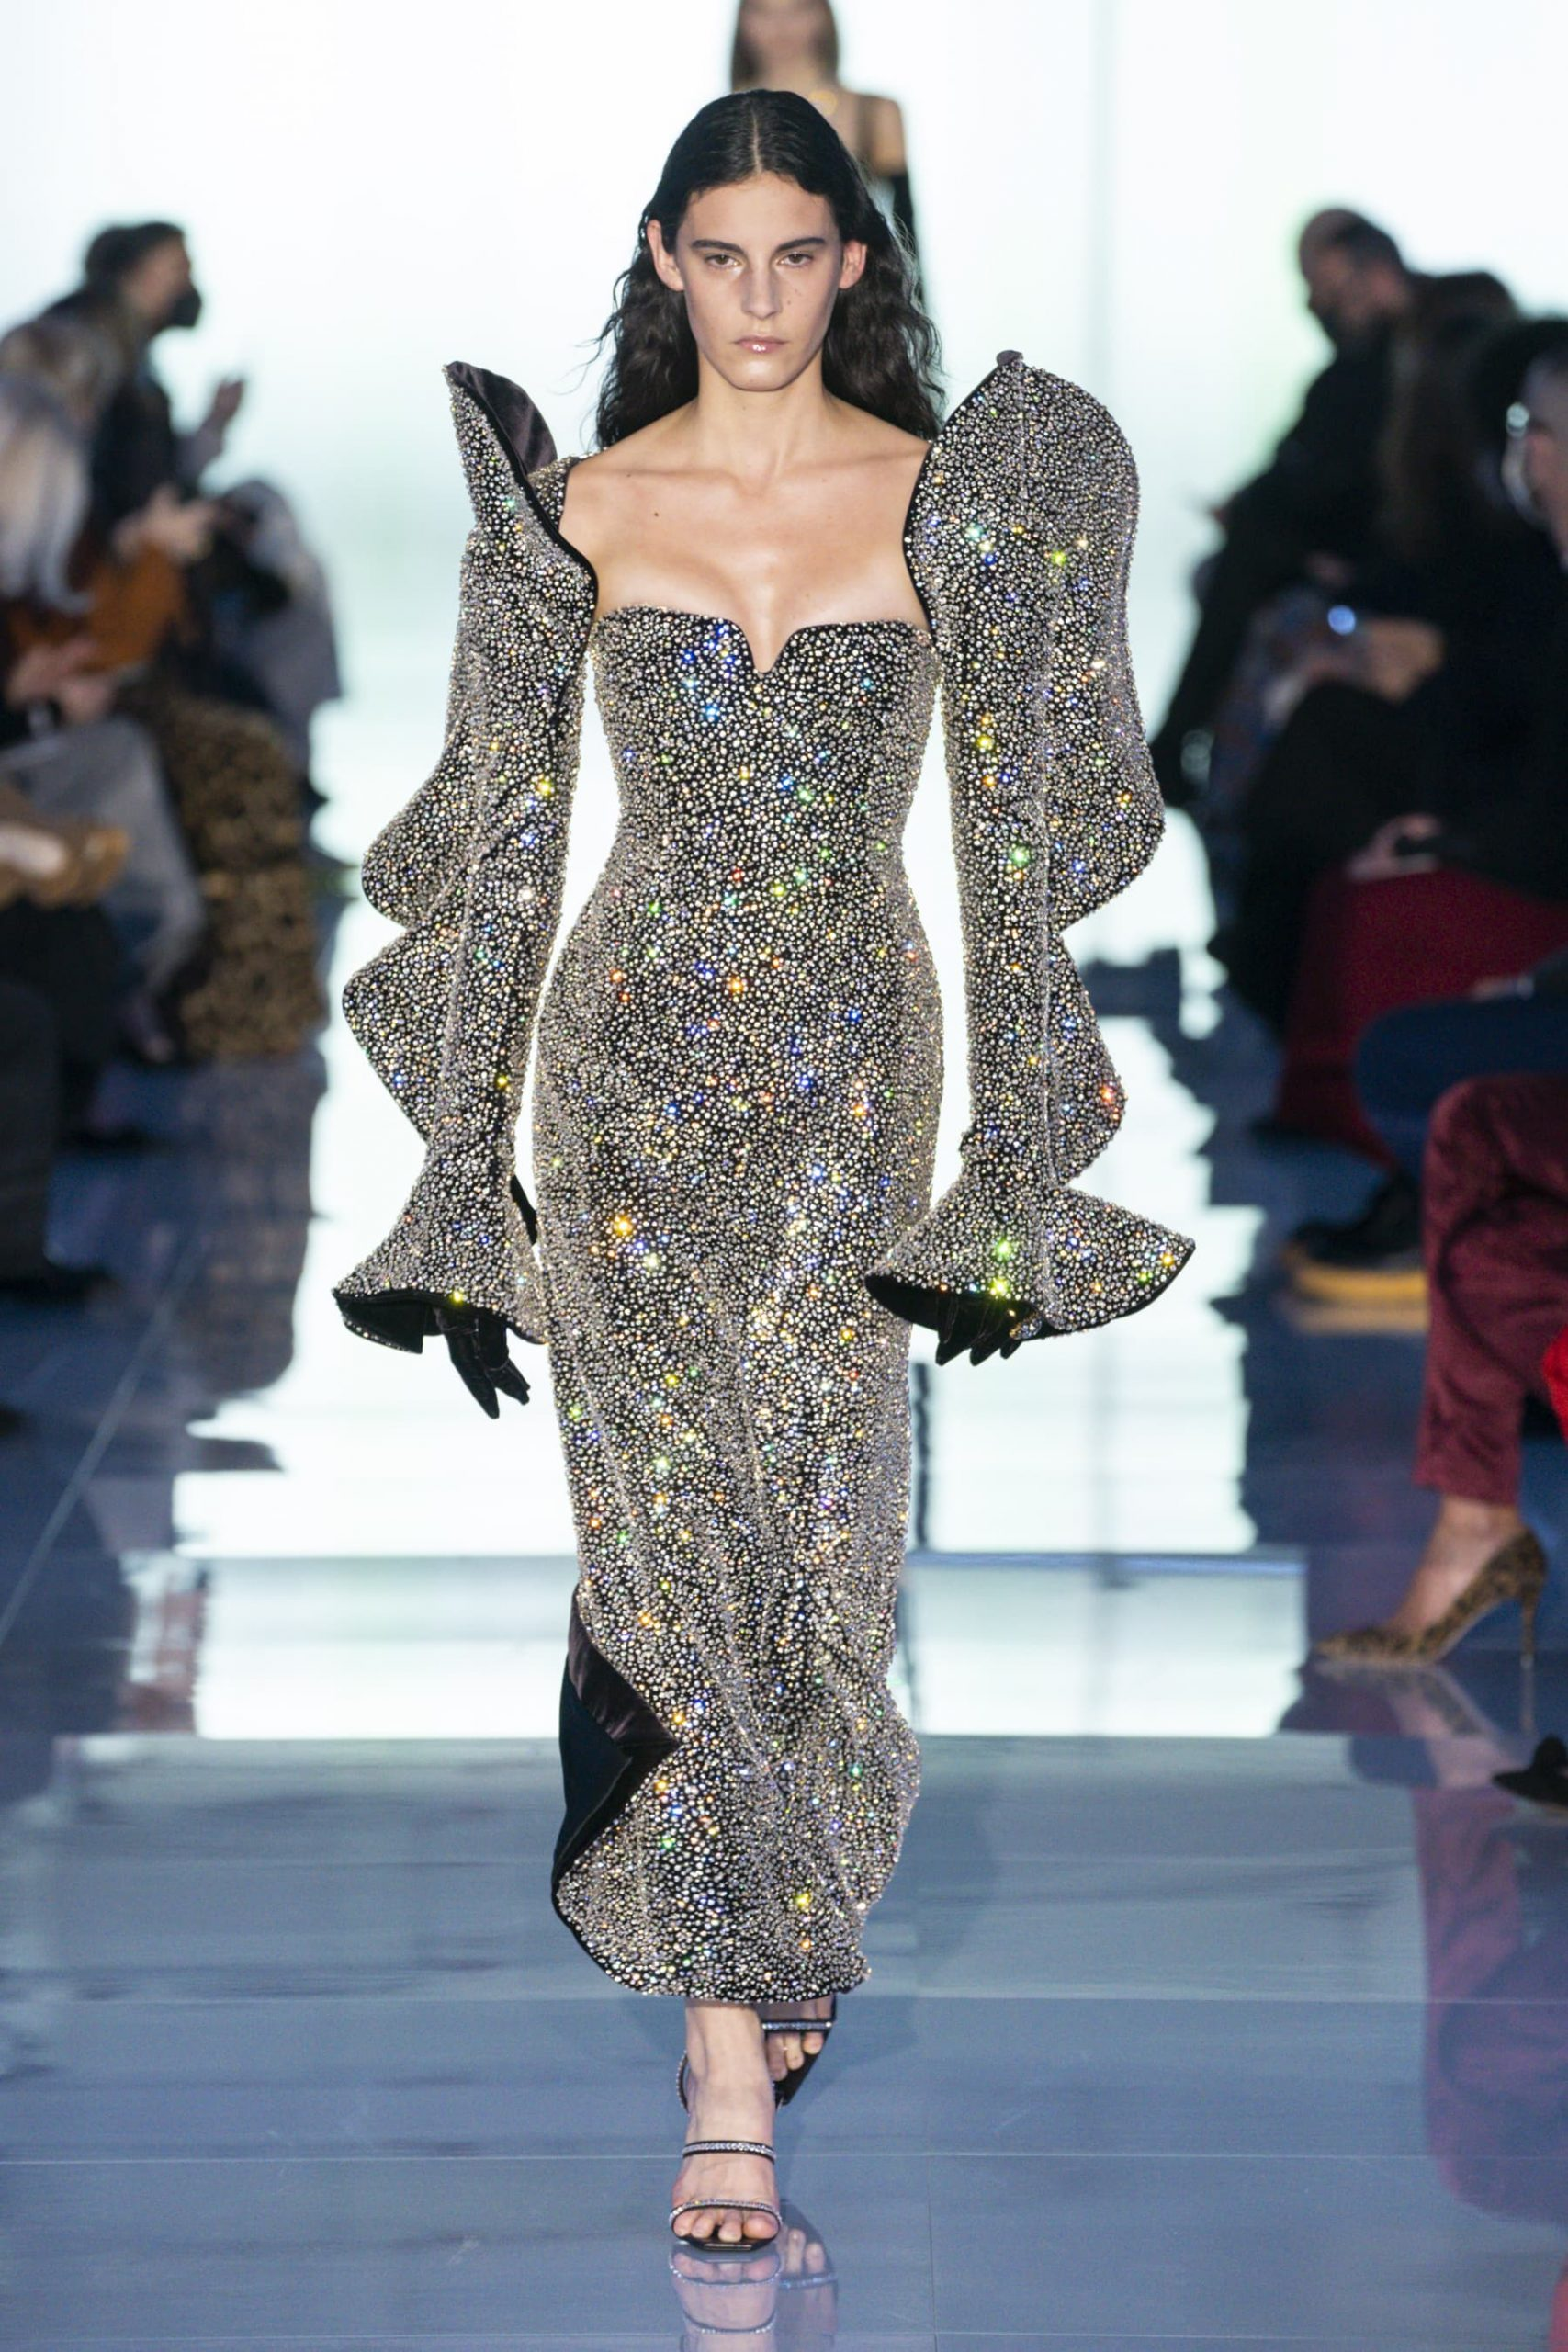 Nº21, Missoni, Alberta Ferretti, Brunello Cucinelli, Del Core Fall 2021 Fashion Show Review